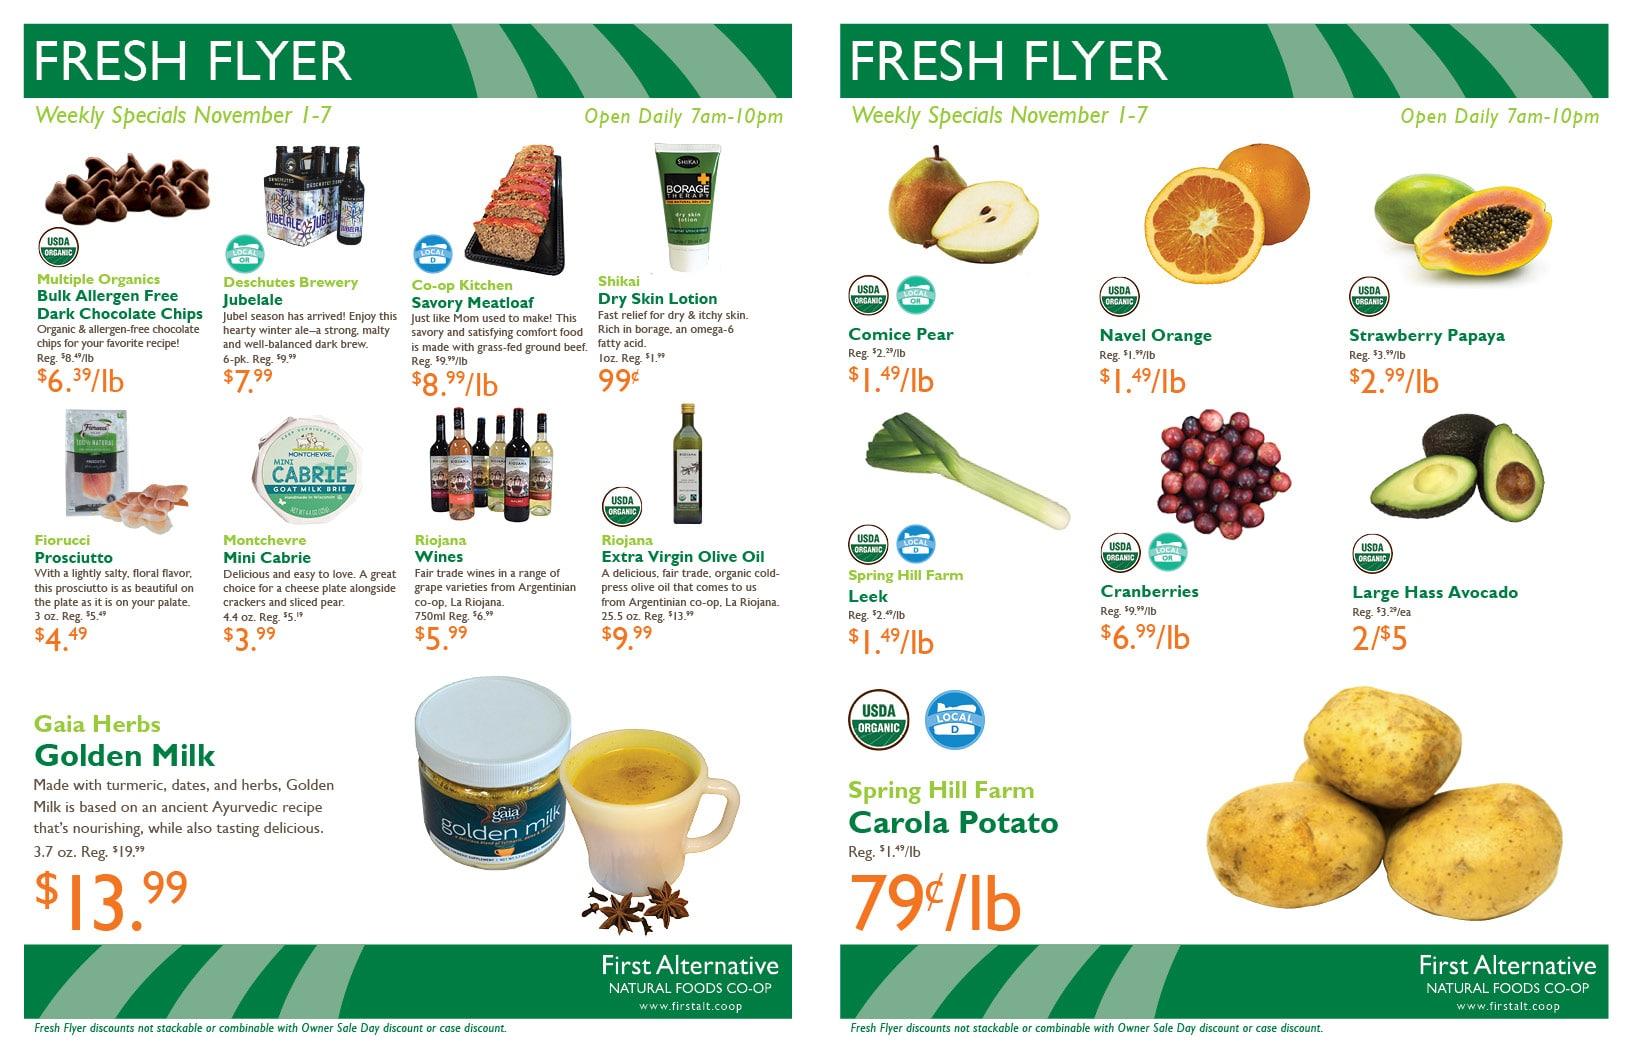 First Alternative Co-op Fresh Flyer November 1-7